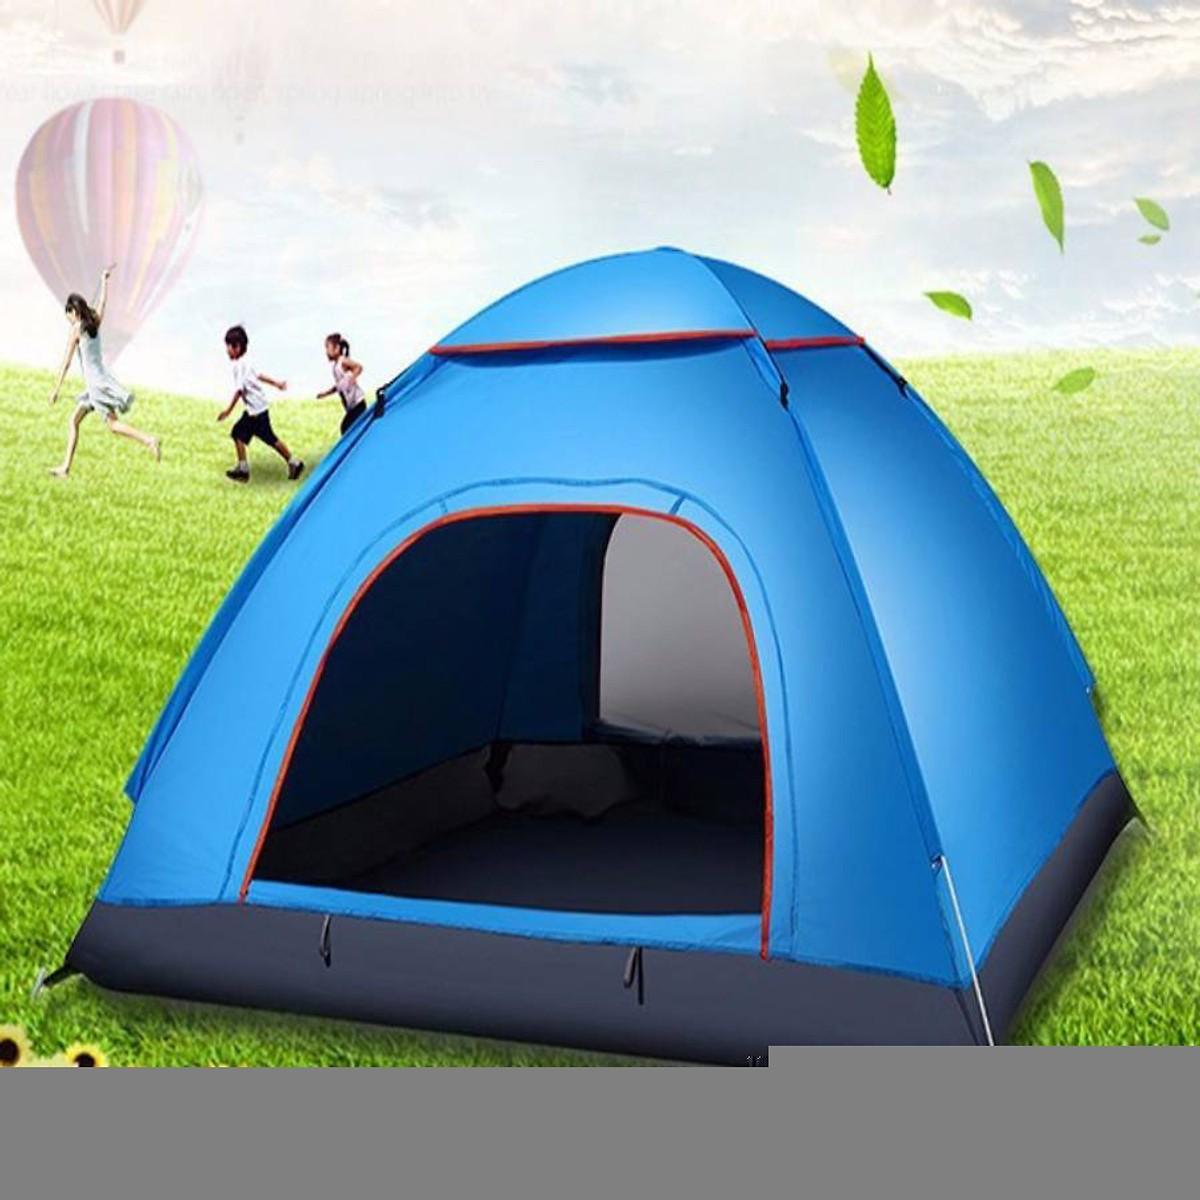 Lều cắm trại, lều du lịch 2 người